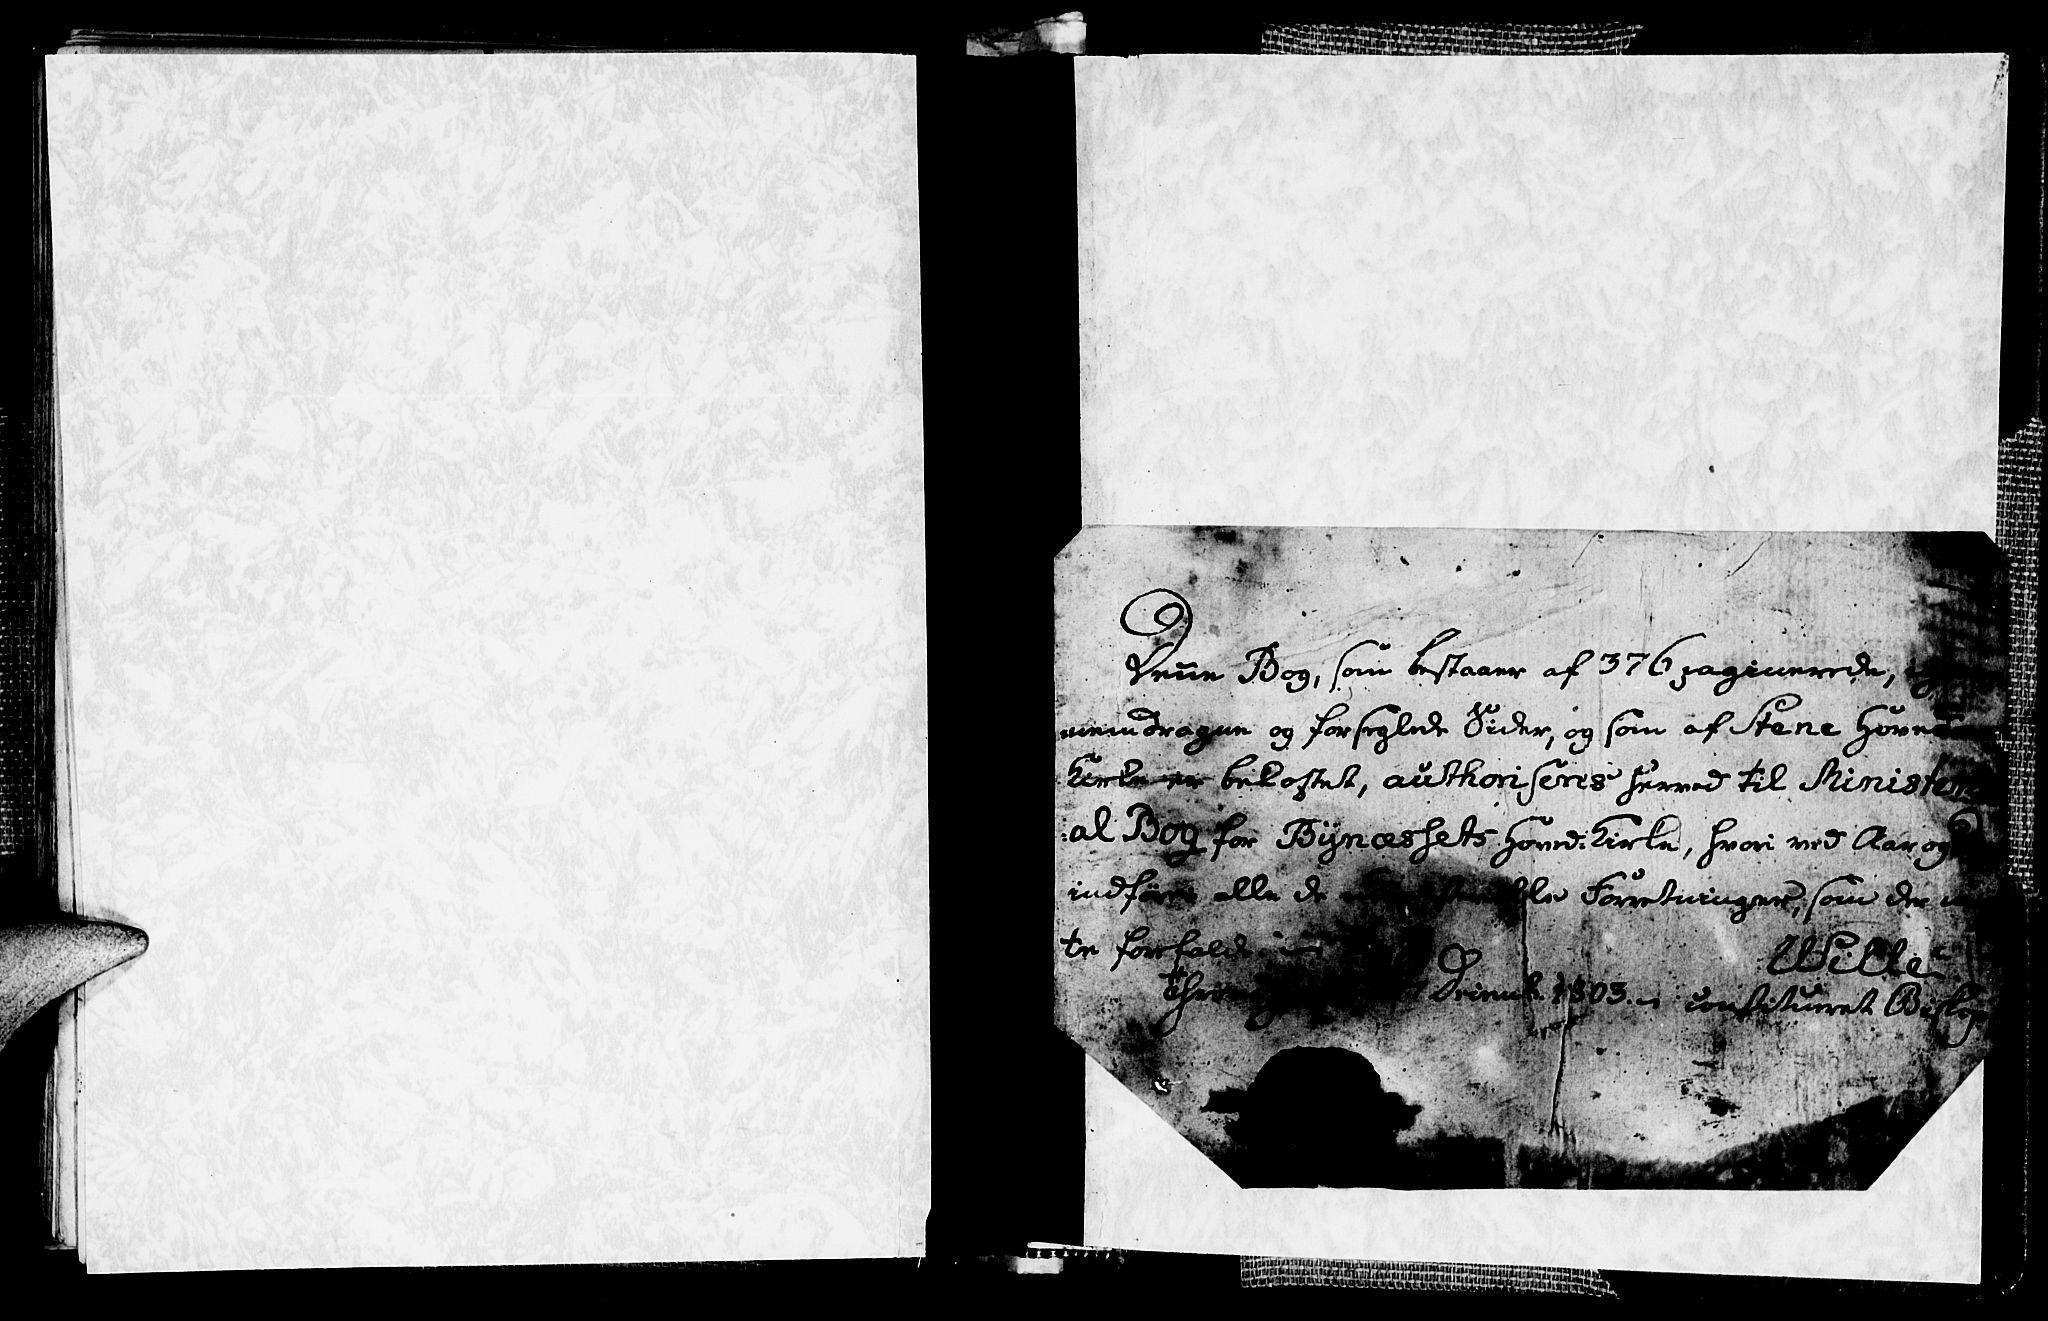 SAT, Ministerialprotokoller, klokkerbøker og fødselsregistre - Sør-Trøndelag, 612/L0371: Ministerialbok nr. 612A05, 1803-1816